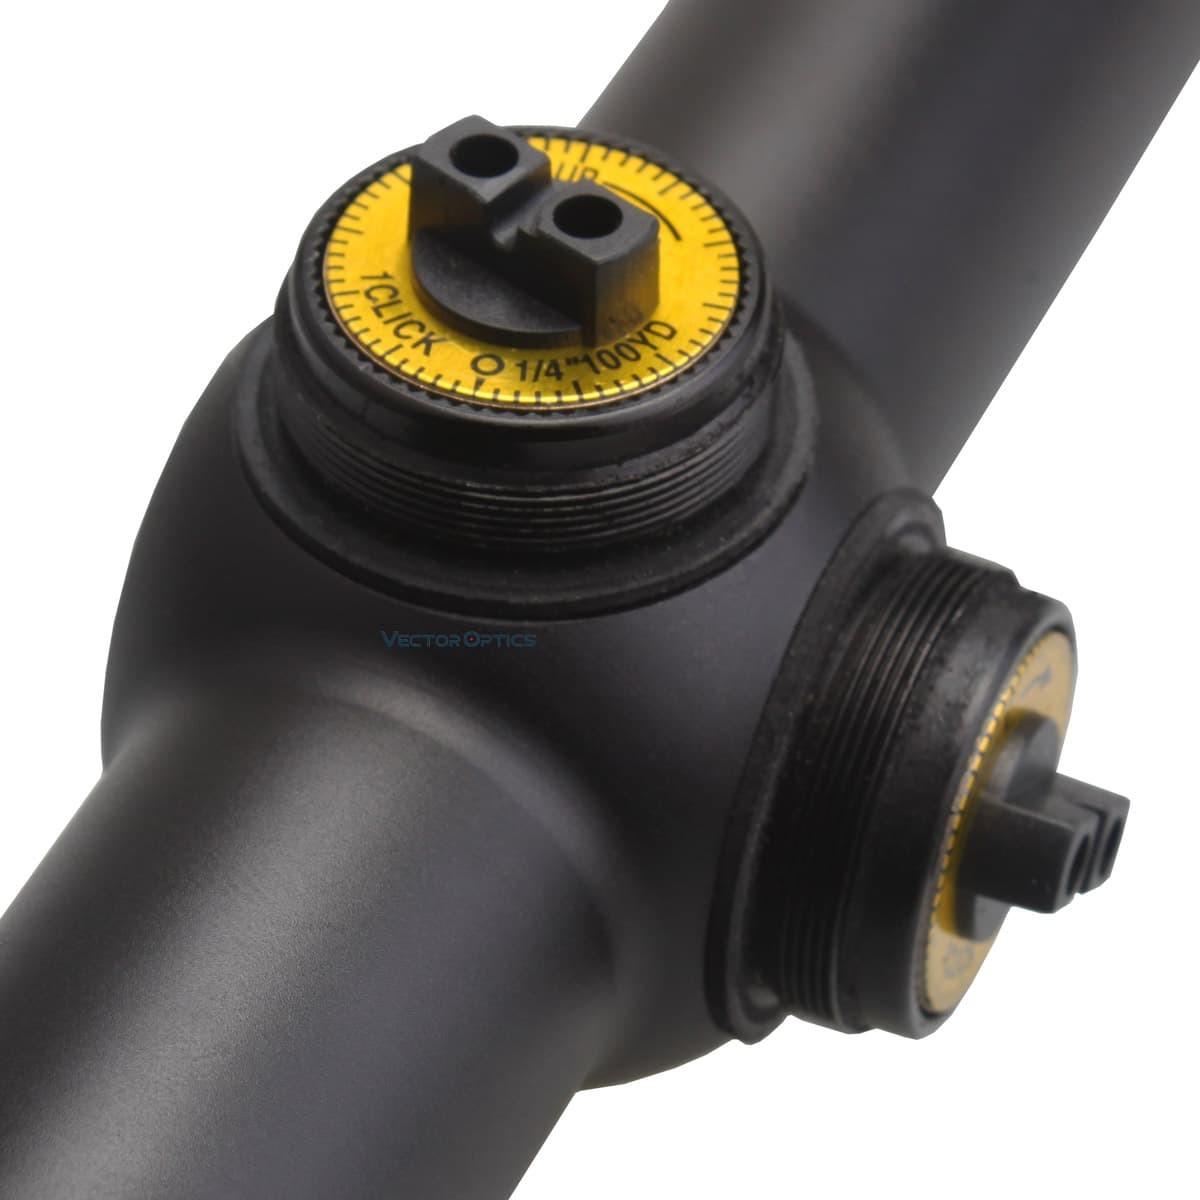 Outback 3-12x40SFP Riflescope